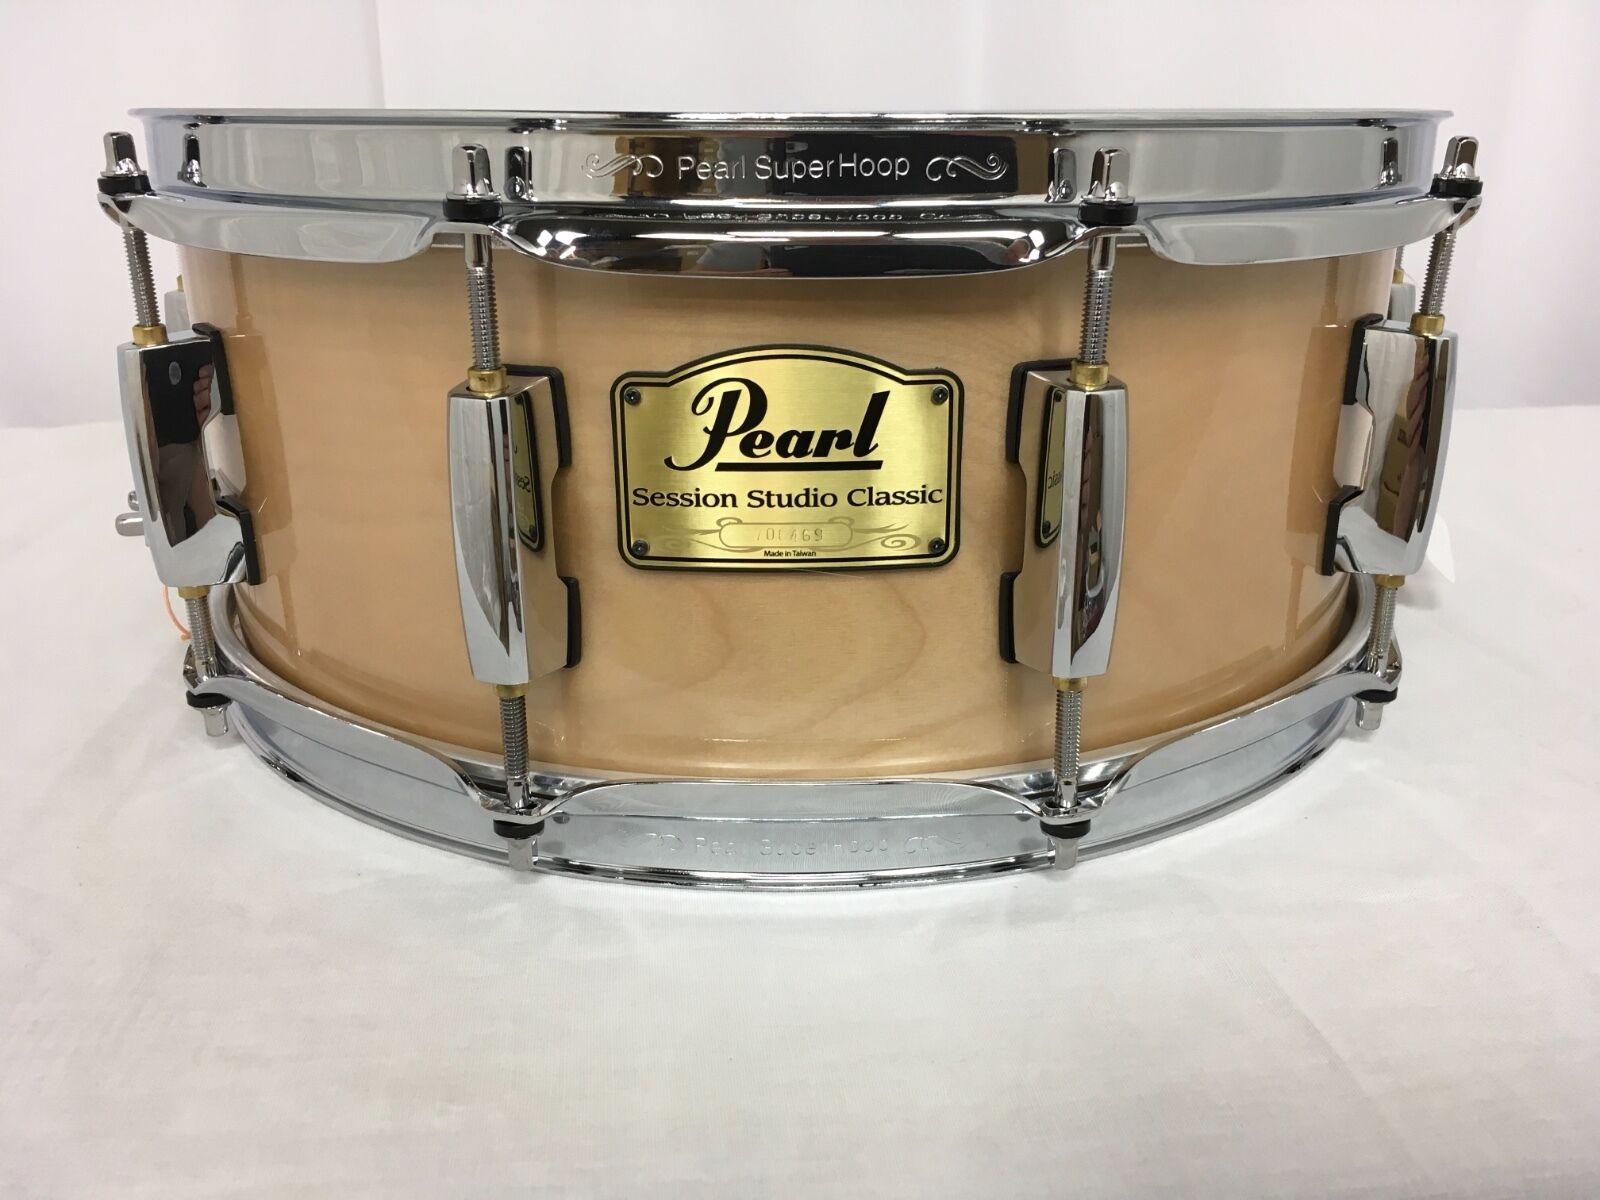 Pearl Session Studio Classic 14  X 6.5  Snare Drum Platinum Mist Finish  NEW